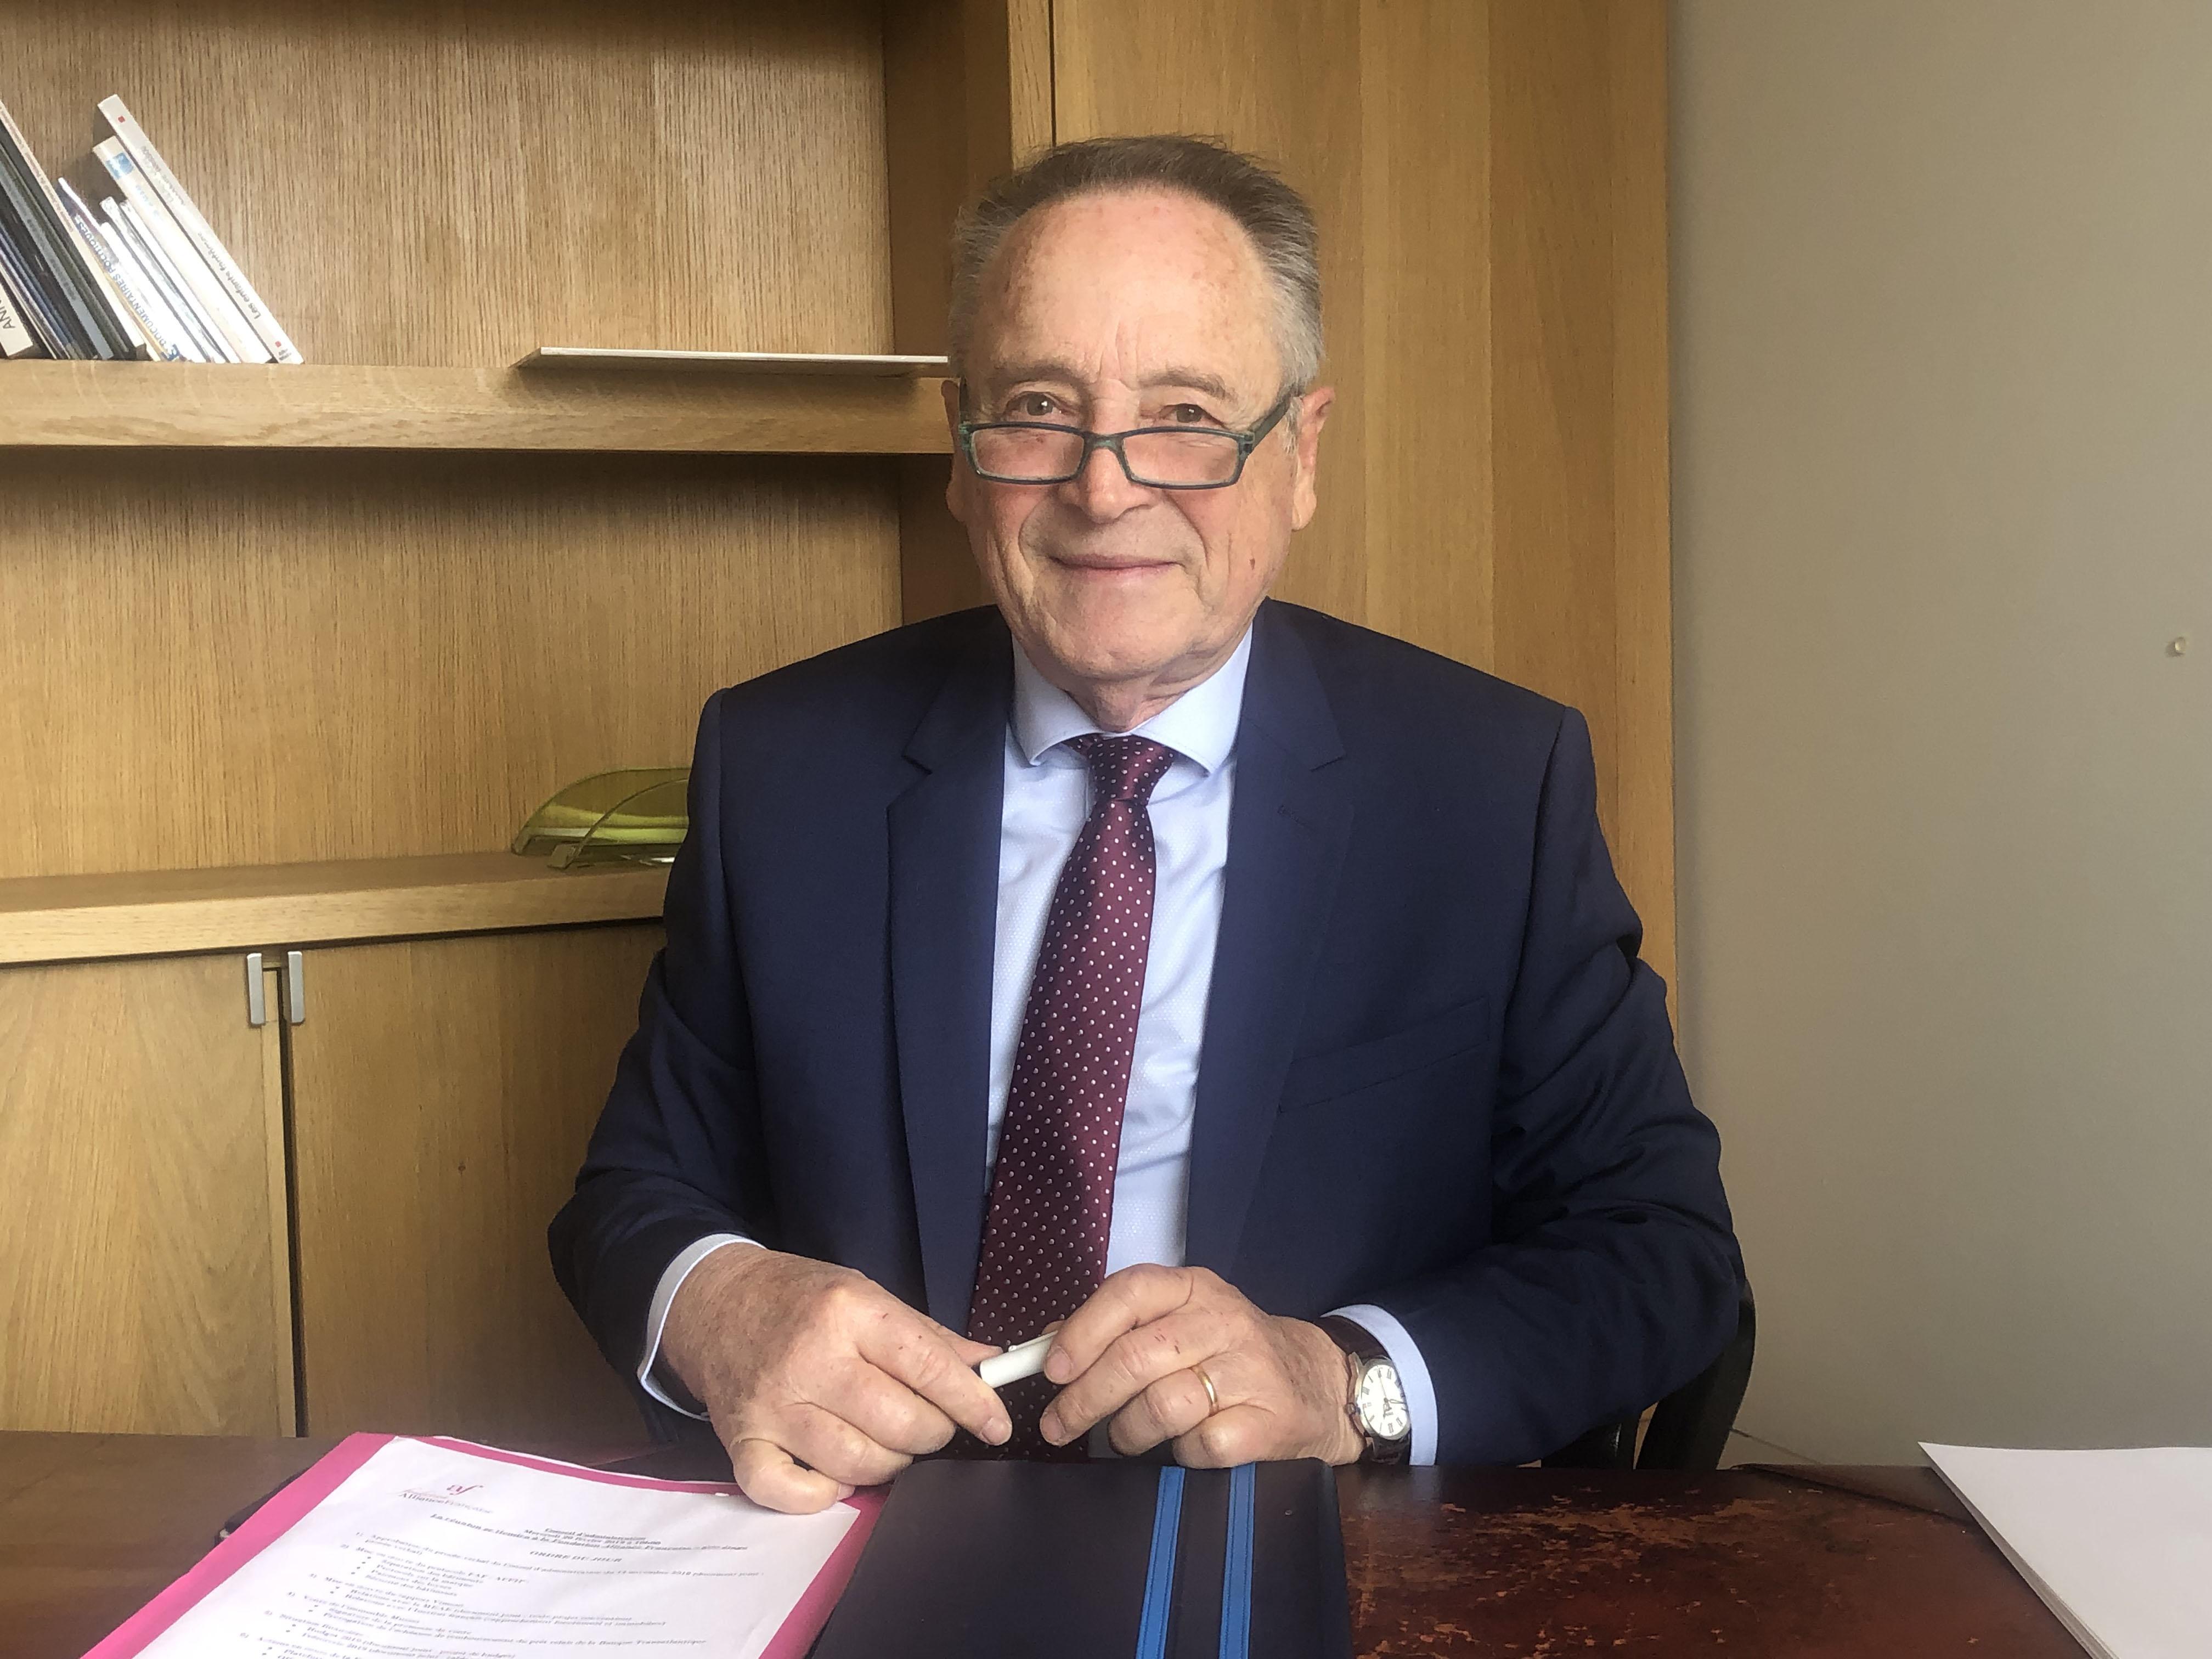 Alain-Pierre DEGENNE